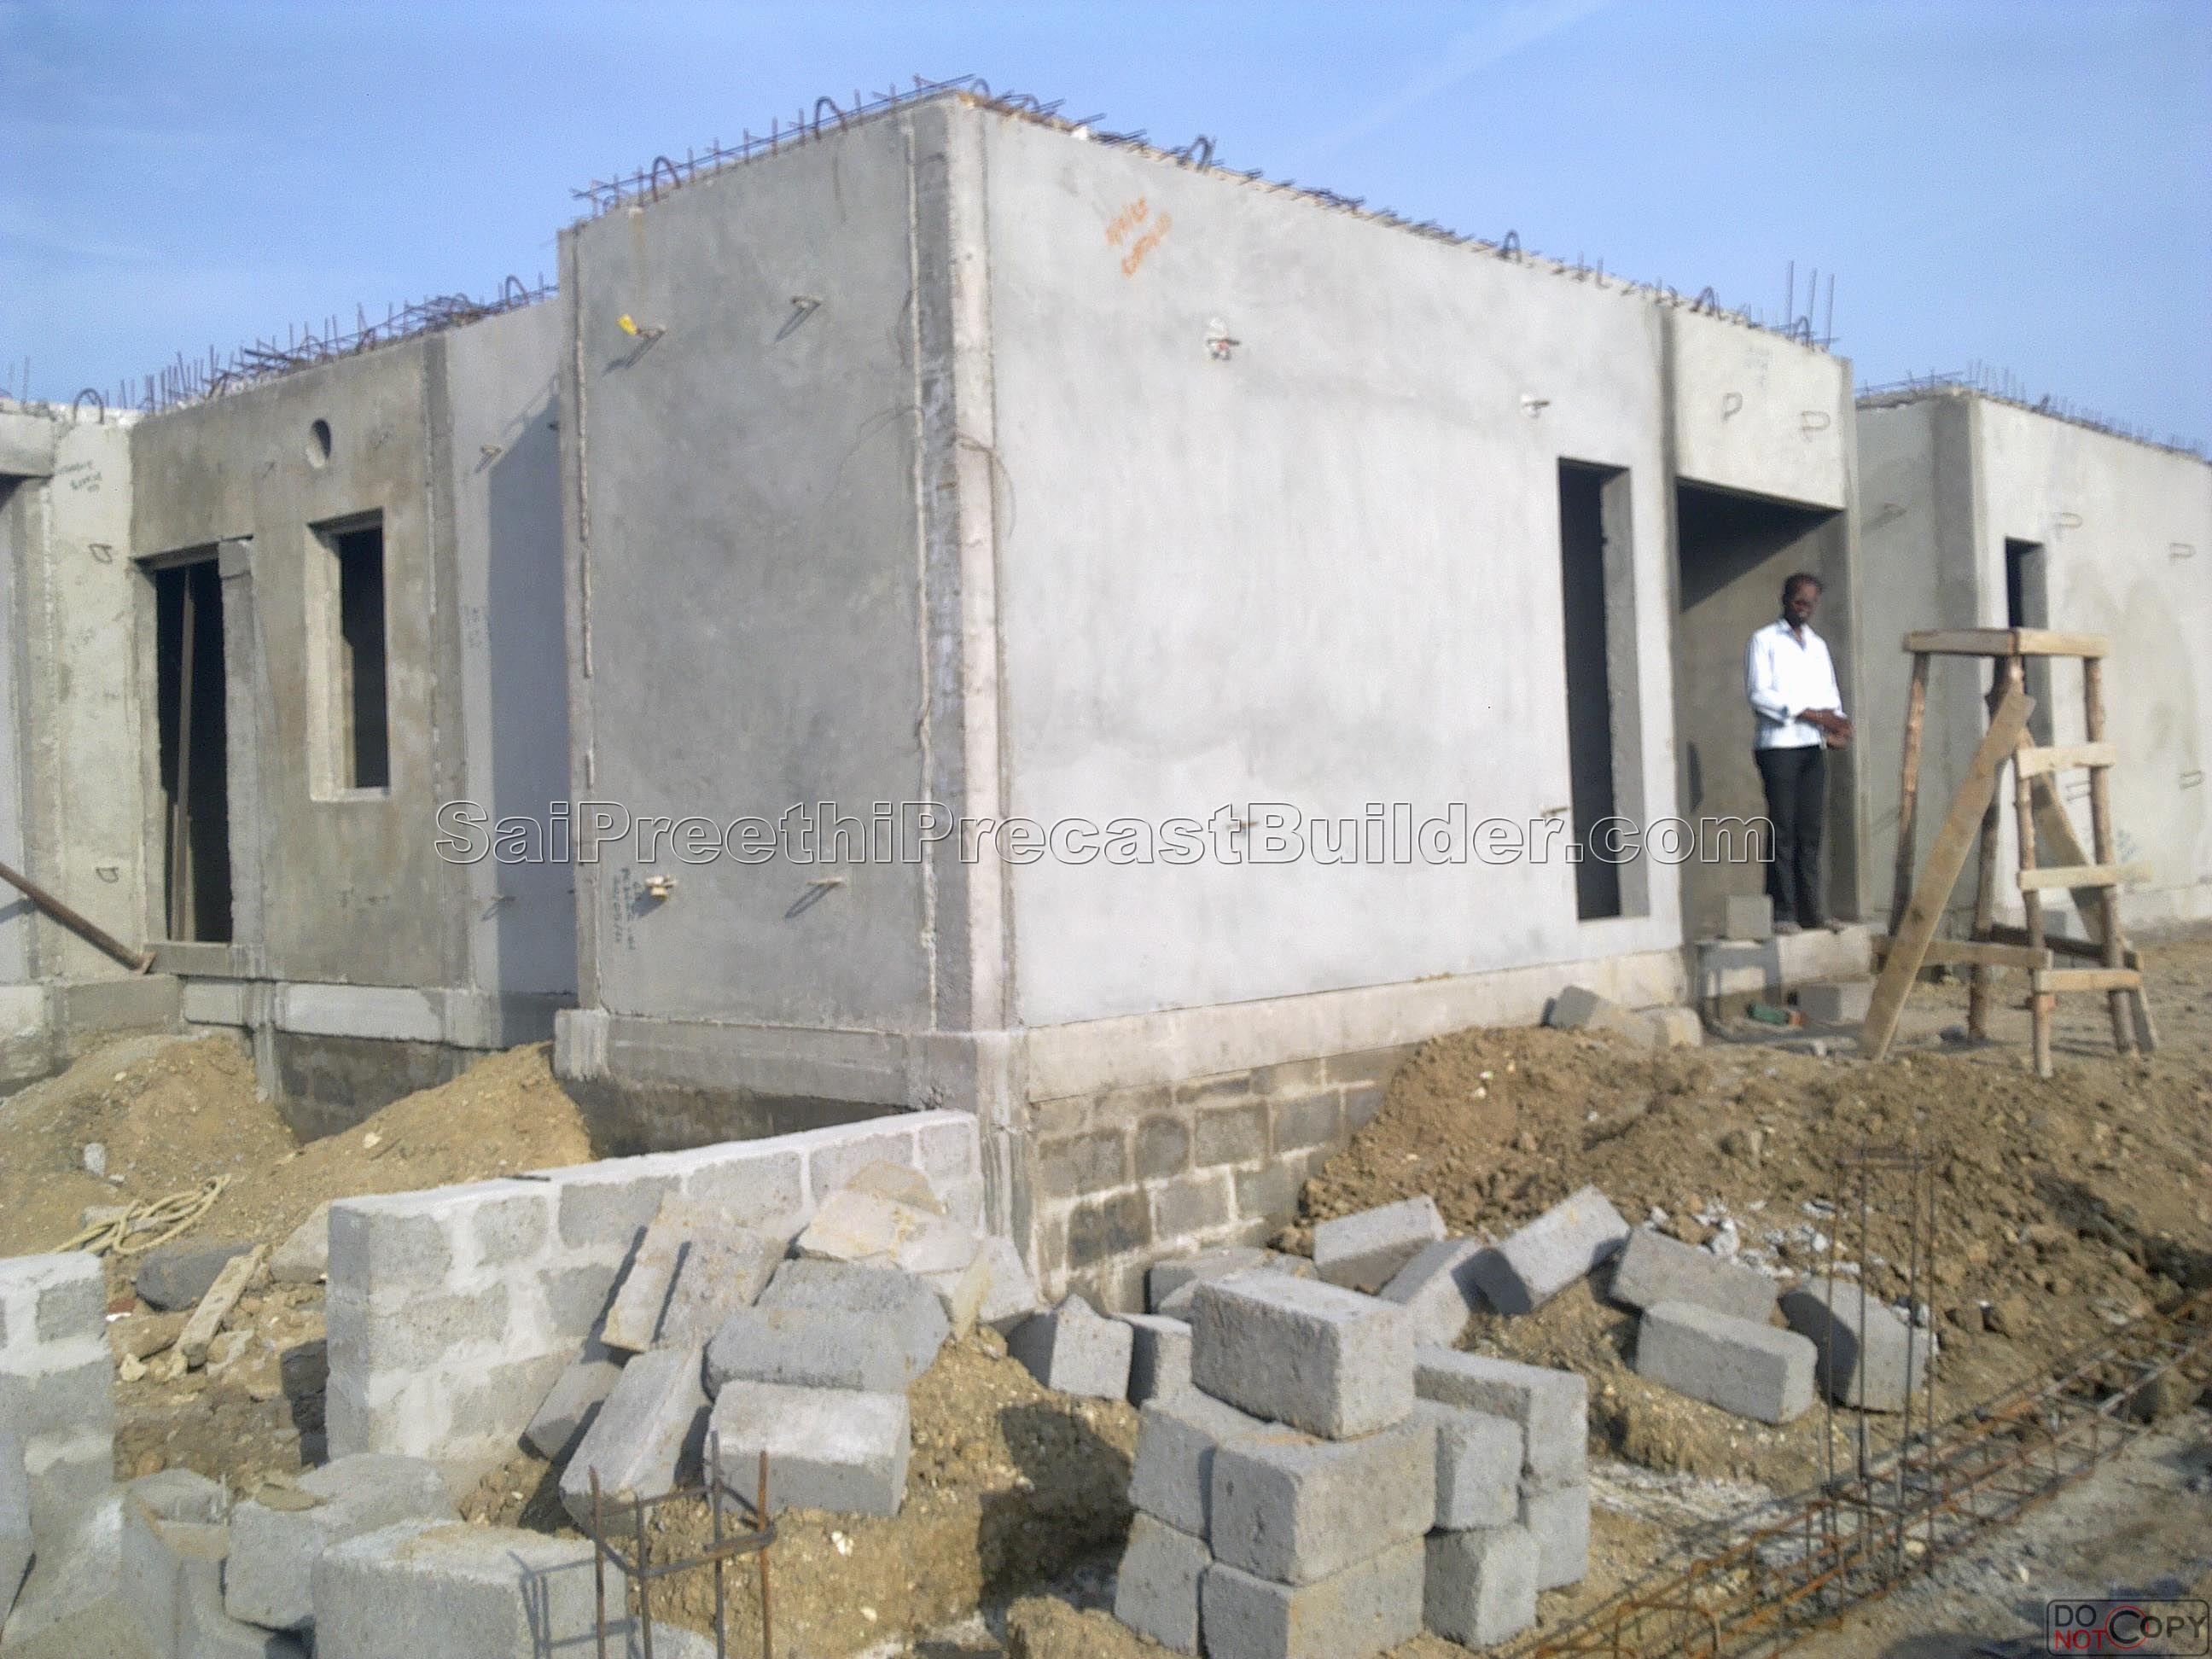 Precast Concrete Homes : Precast residential house sai preethi builder